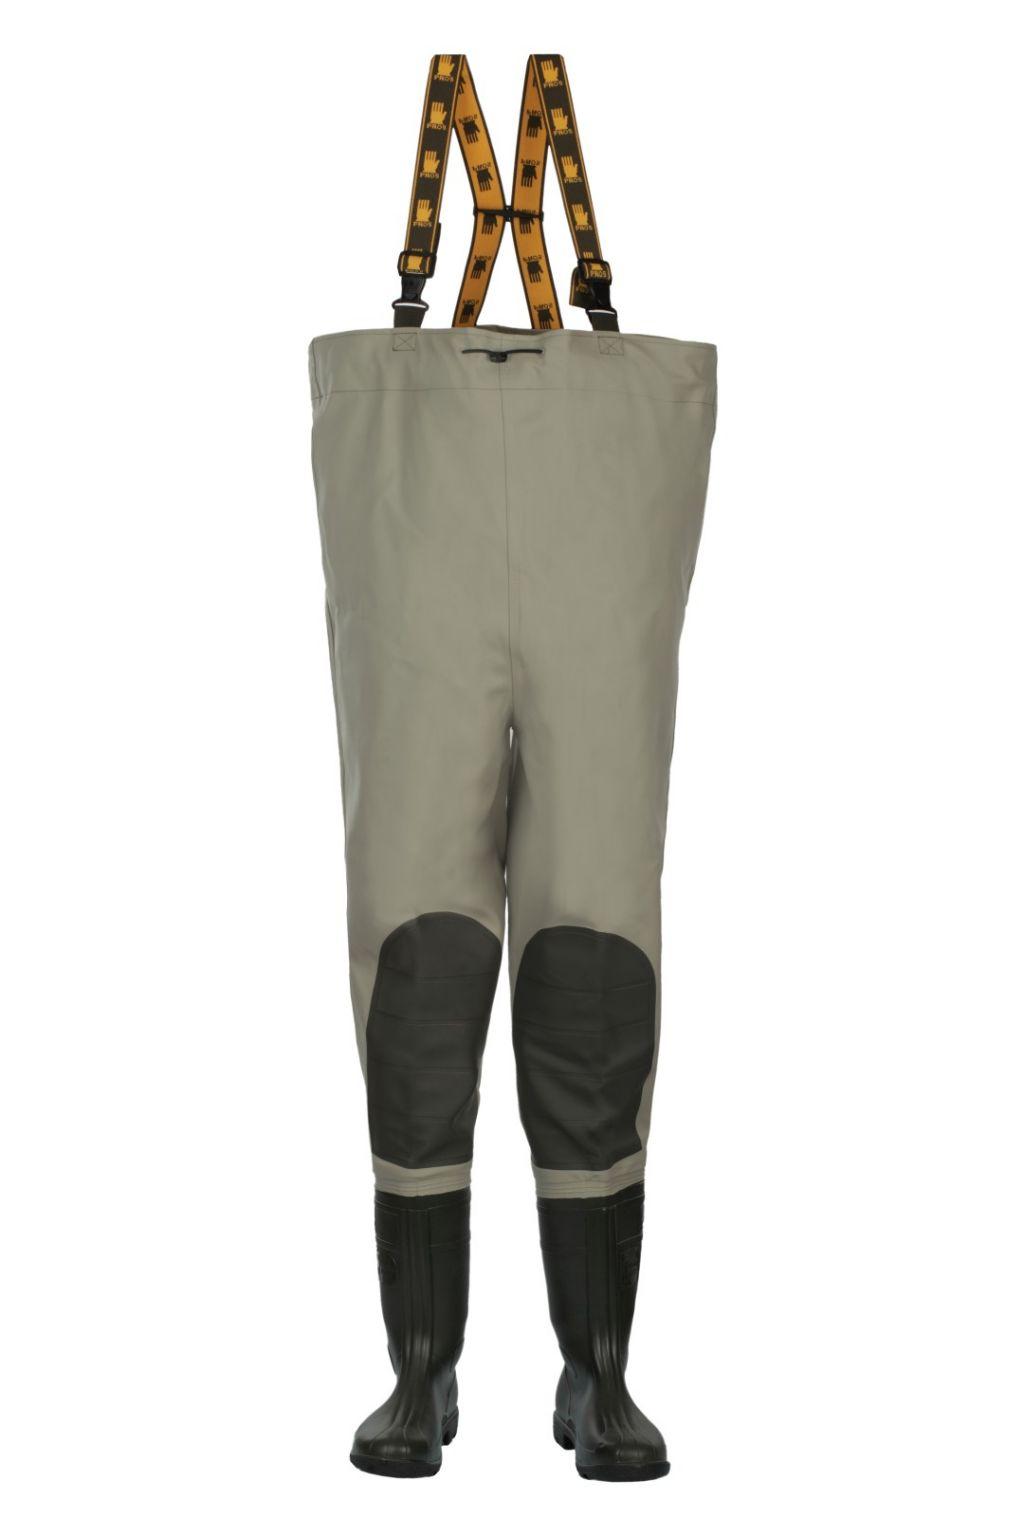 Spodniobuty Wzmocnienia Na Kolanach Oryginał Pros